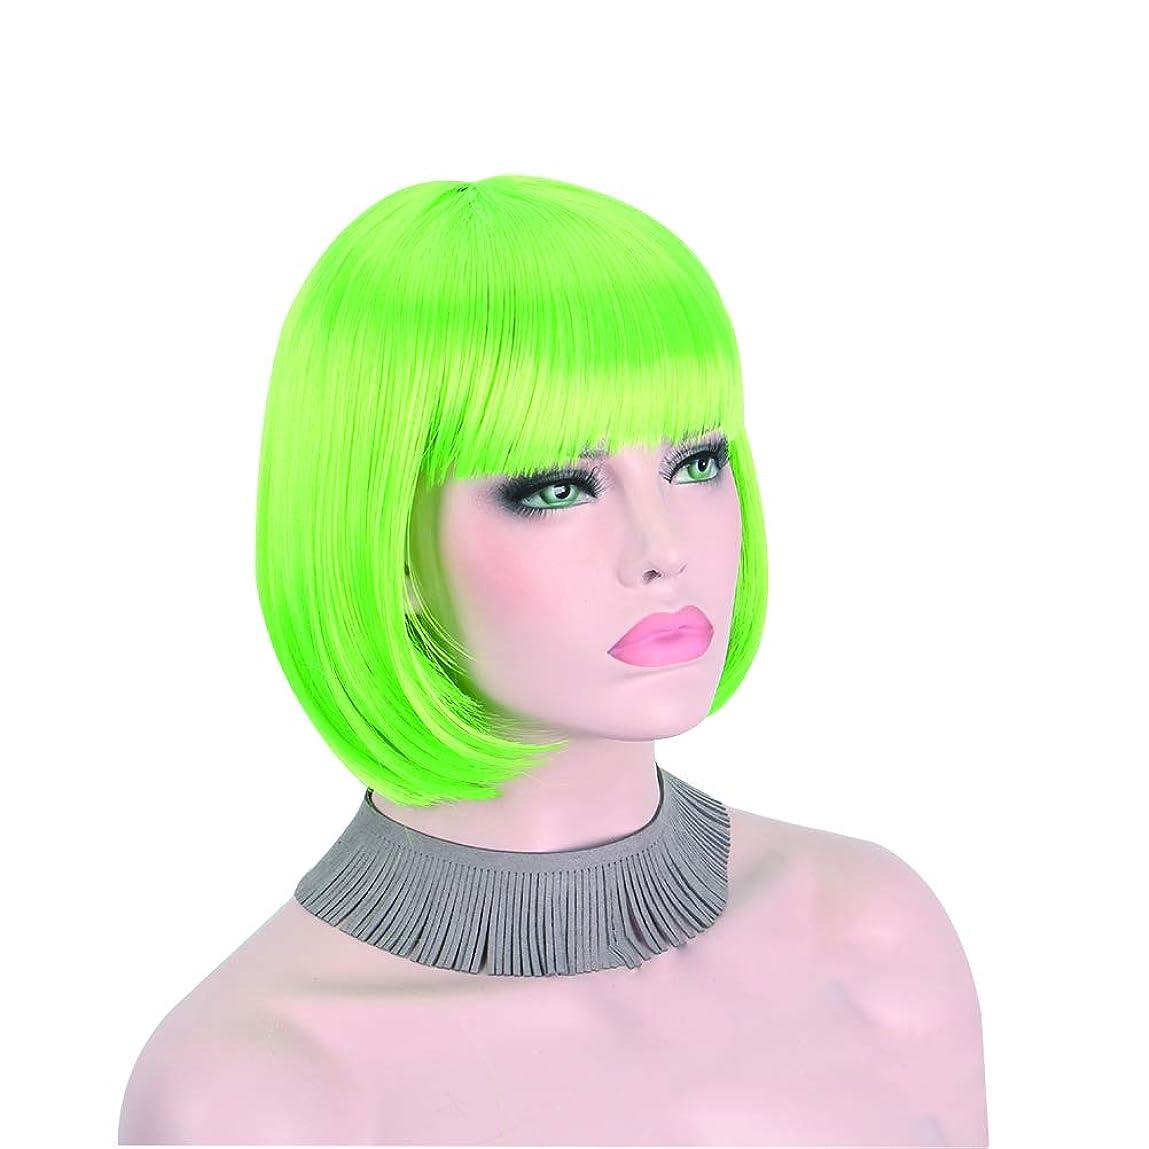 乗って自動的に頭痛Yajianzh 女性ショートかつらナチュラル高品質ストレートコスプレ聖パトリックの日パーティー (Color : 緑, Size : ワンサイズ)